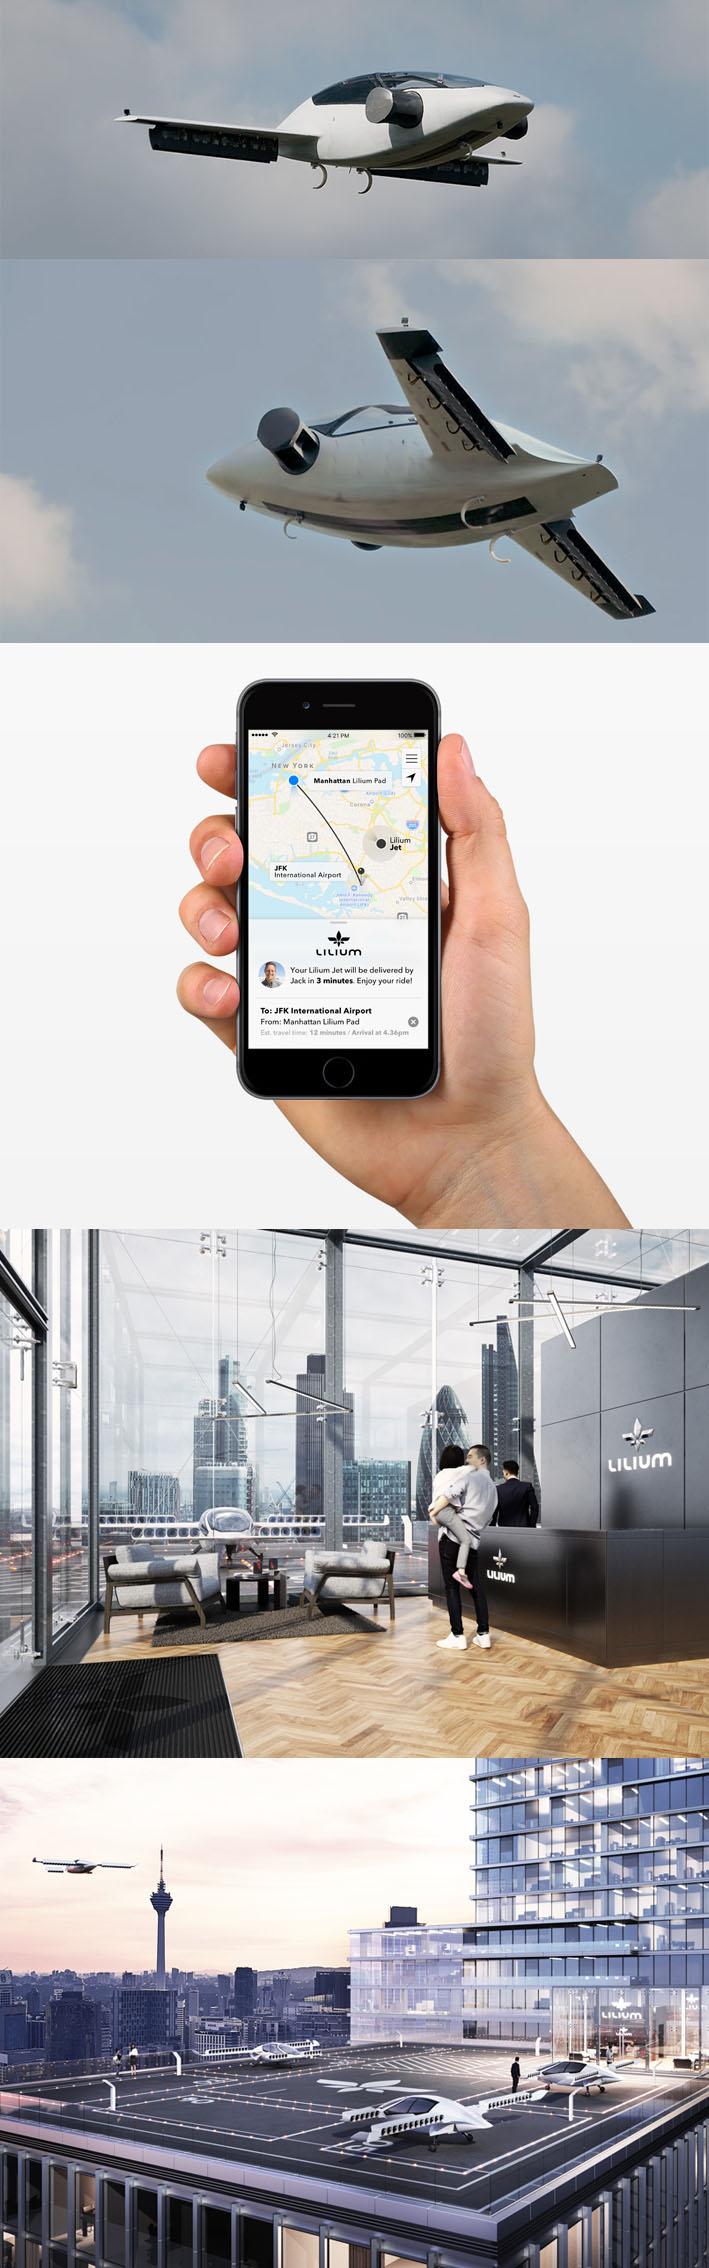 Lilium, o táxi aéreo para deslocamento diário nas cidades sem poluição stylo urbano